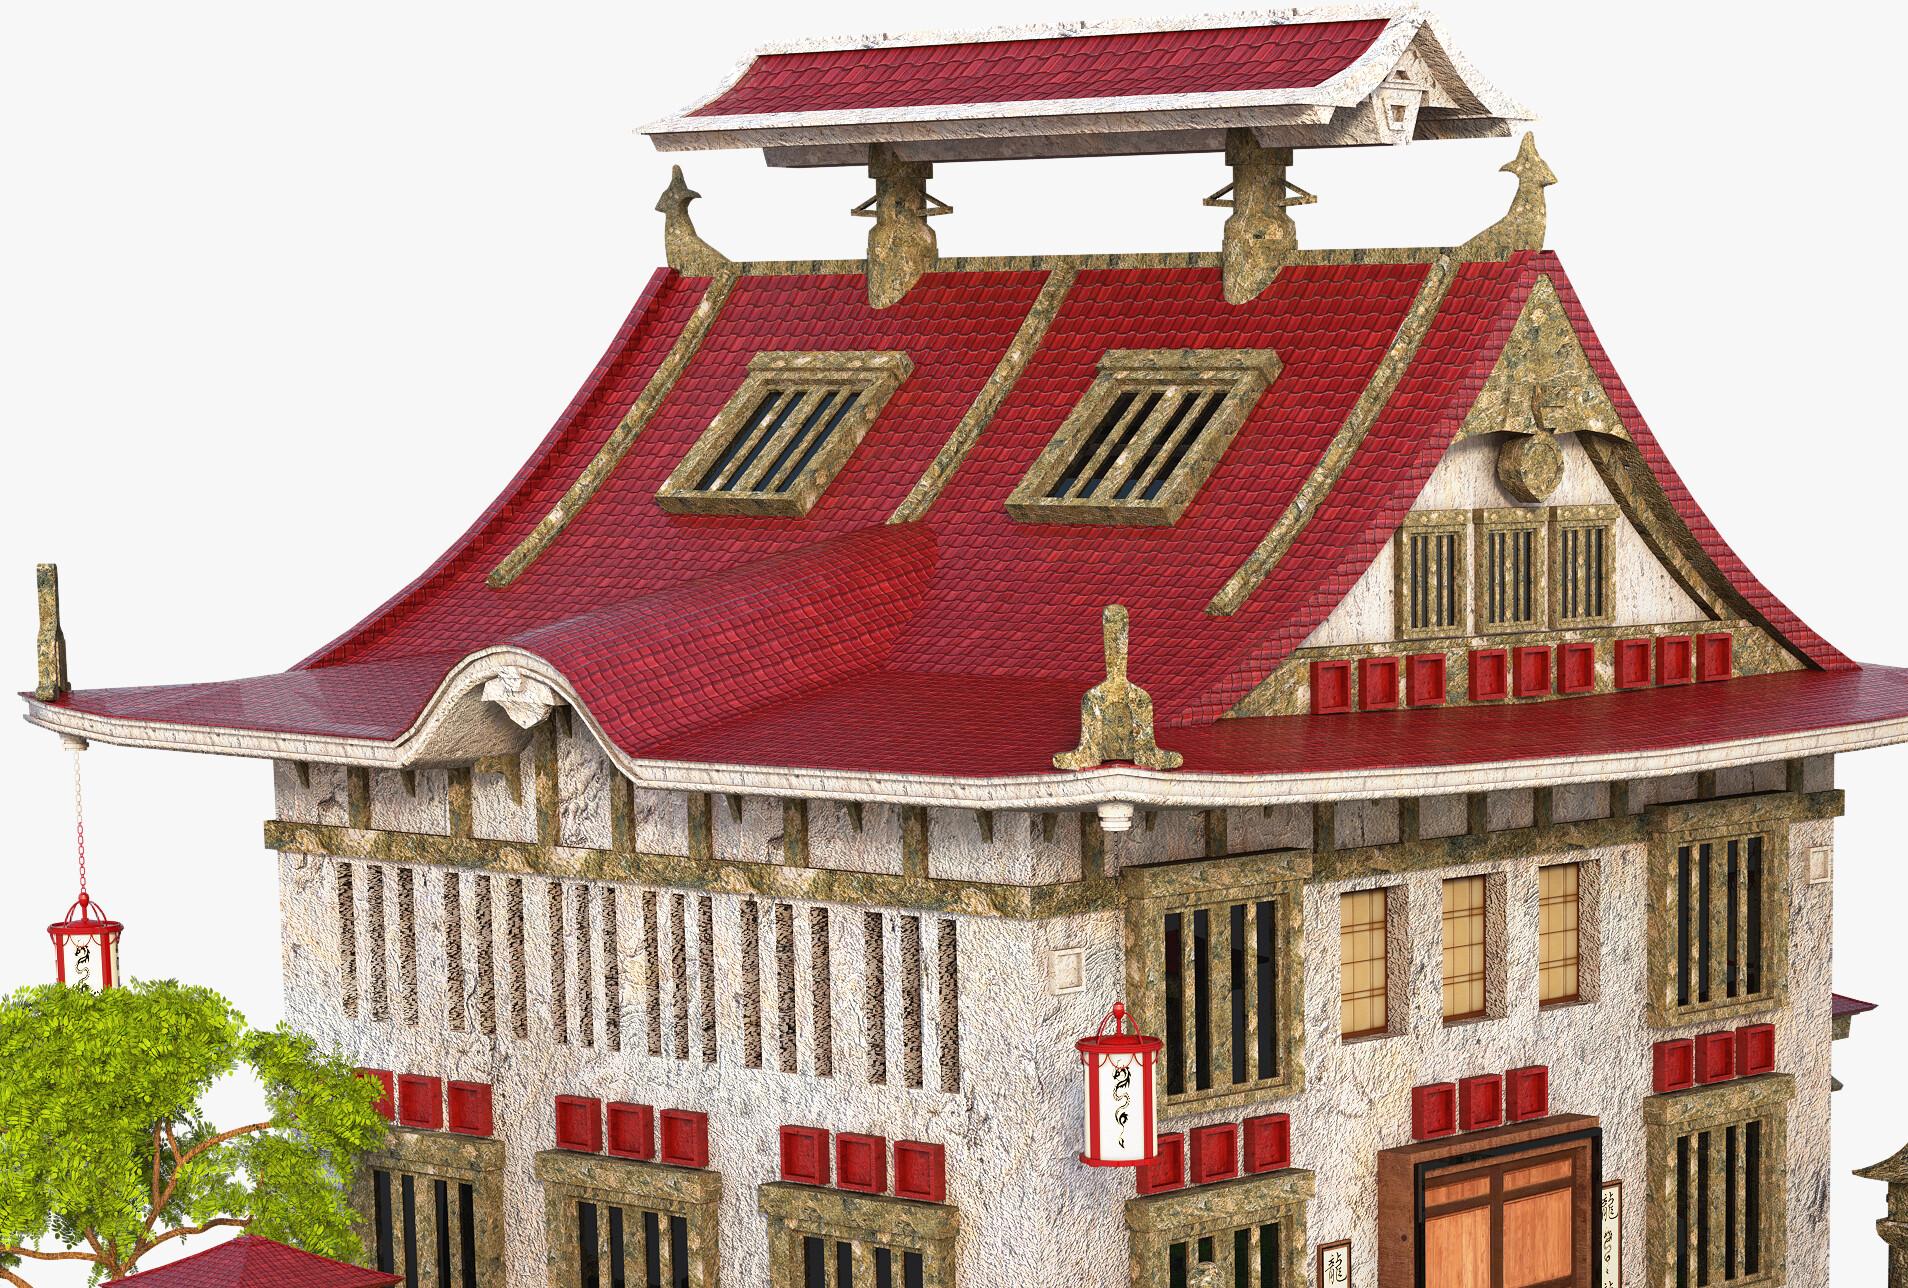 Marc mons building5